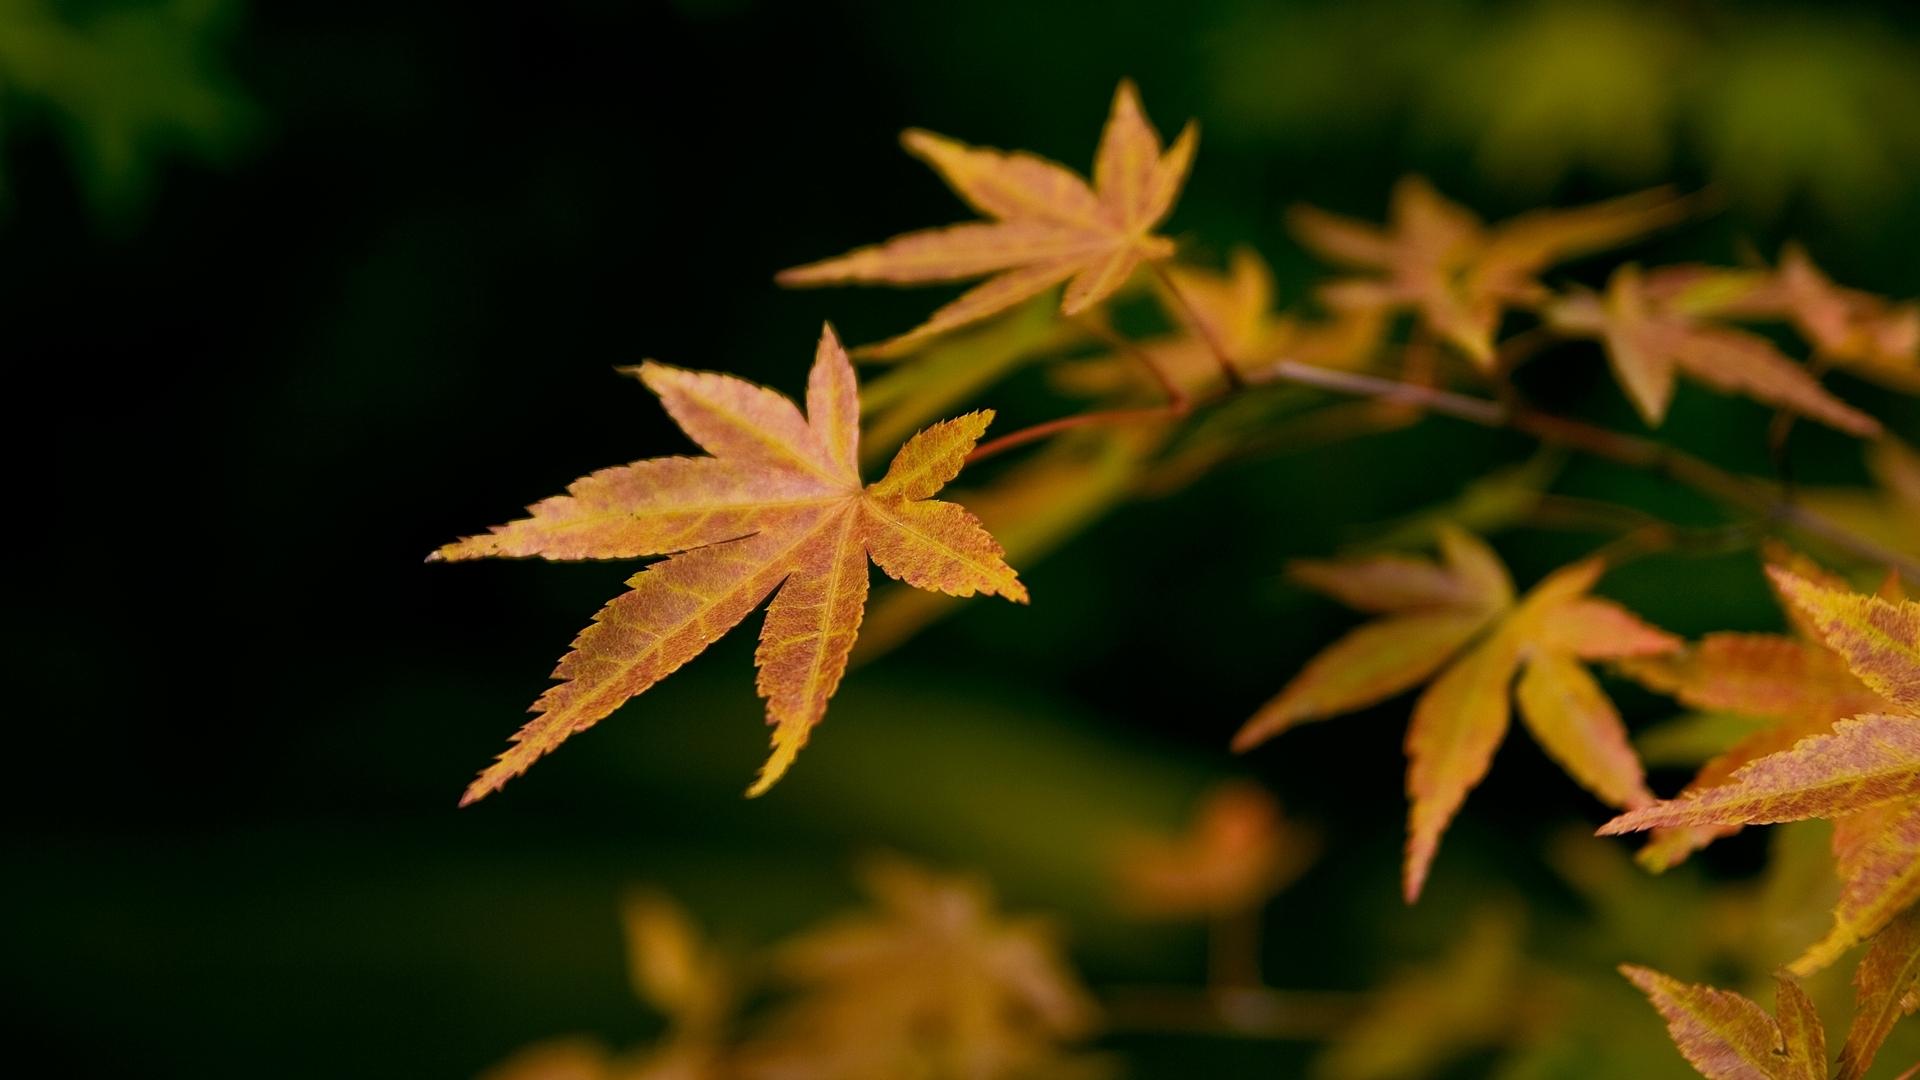 47835 скачать обои Растения, Листья - заставки и картинки бесплатно